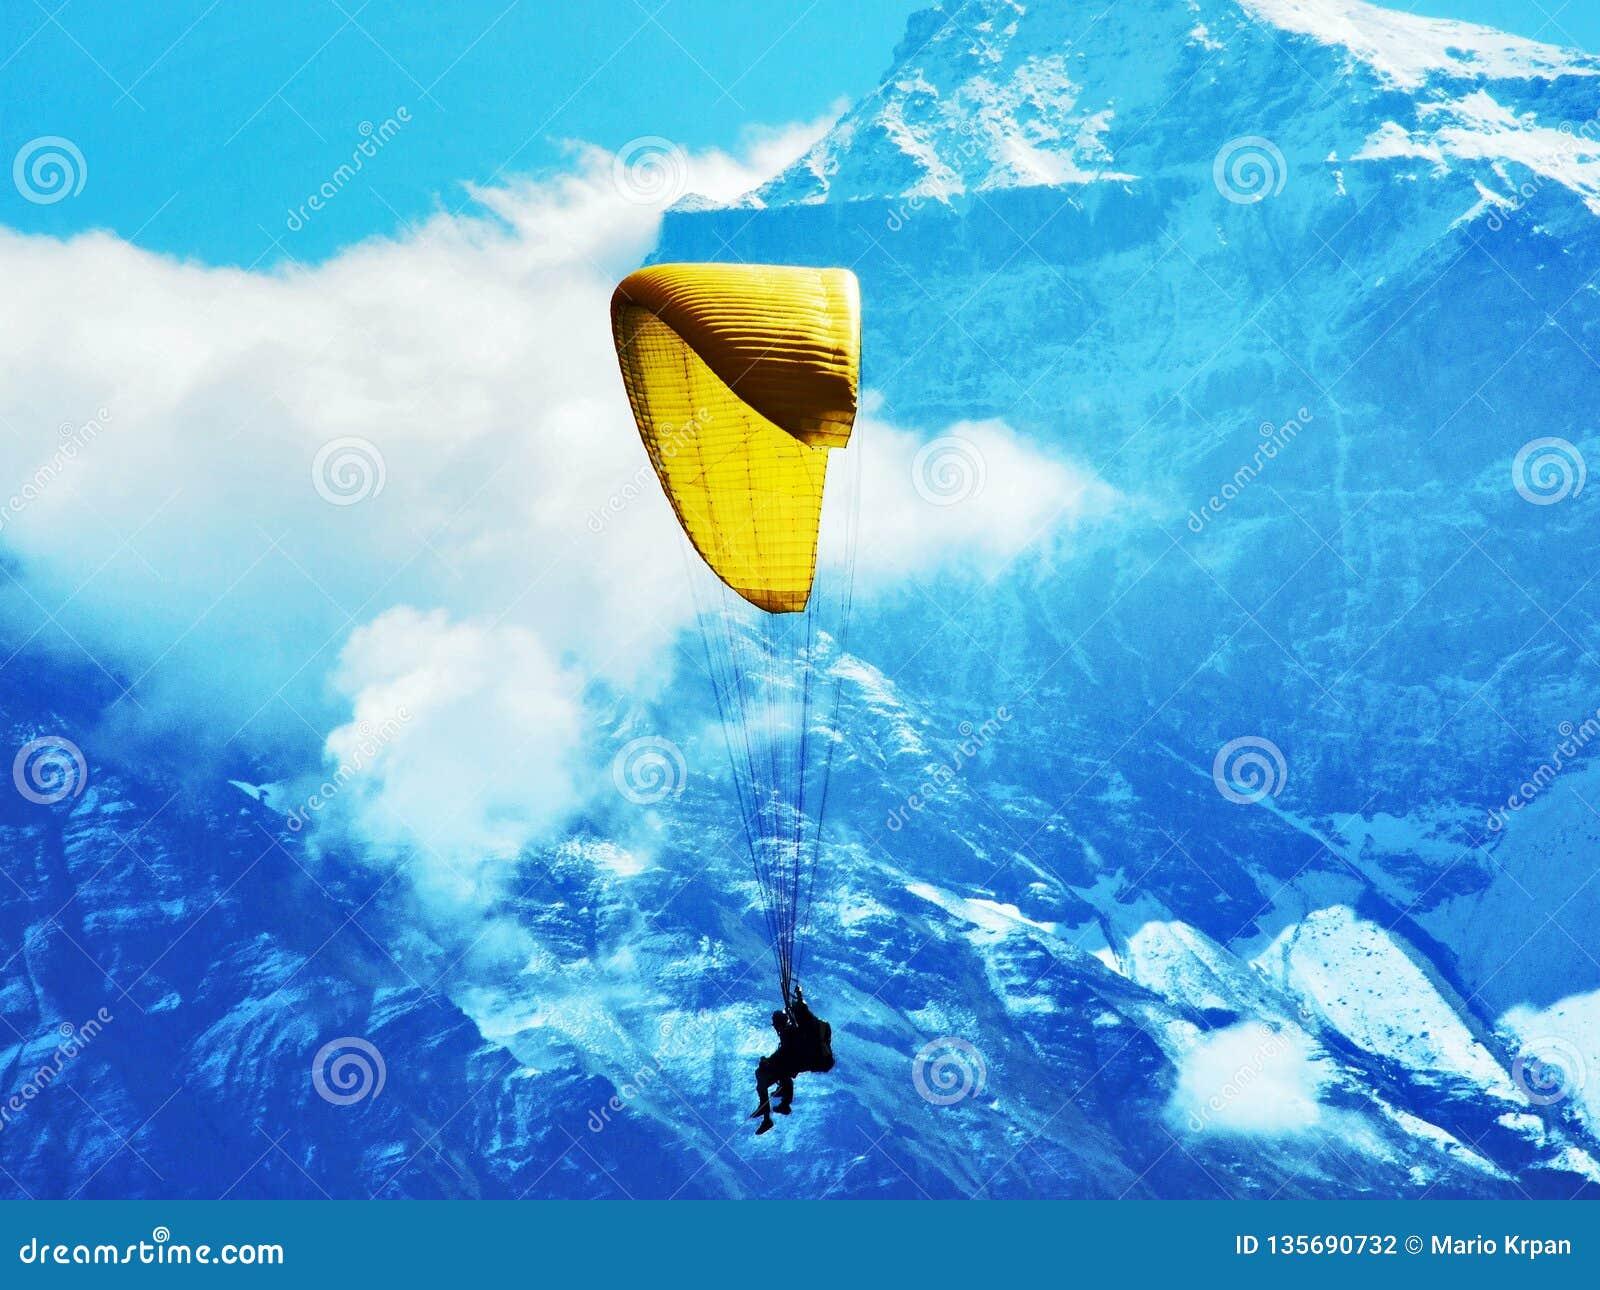 纵排滑翔伞在山脉格拉鲁斯阿尔卑斯山脉或在Glarnerland旅游区域